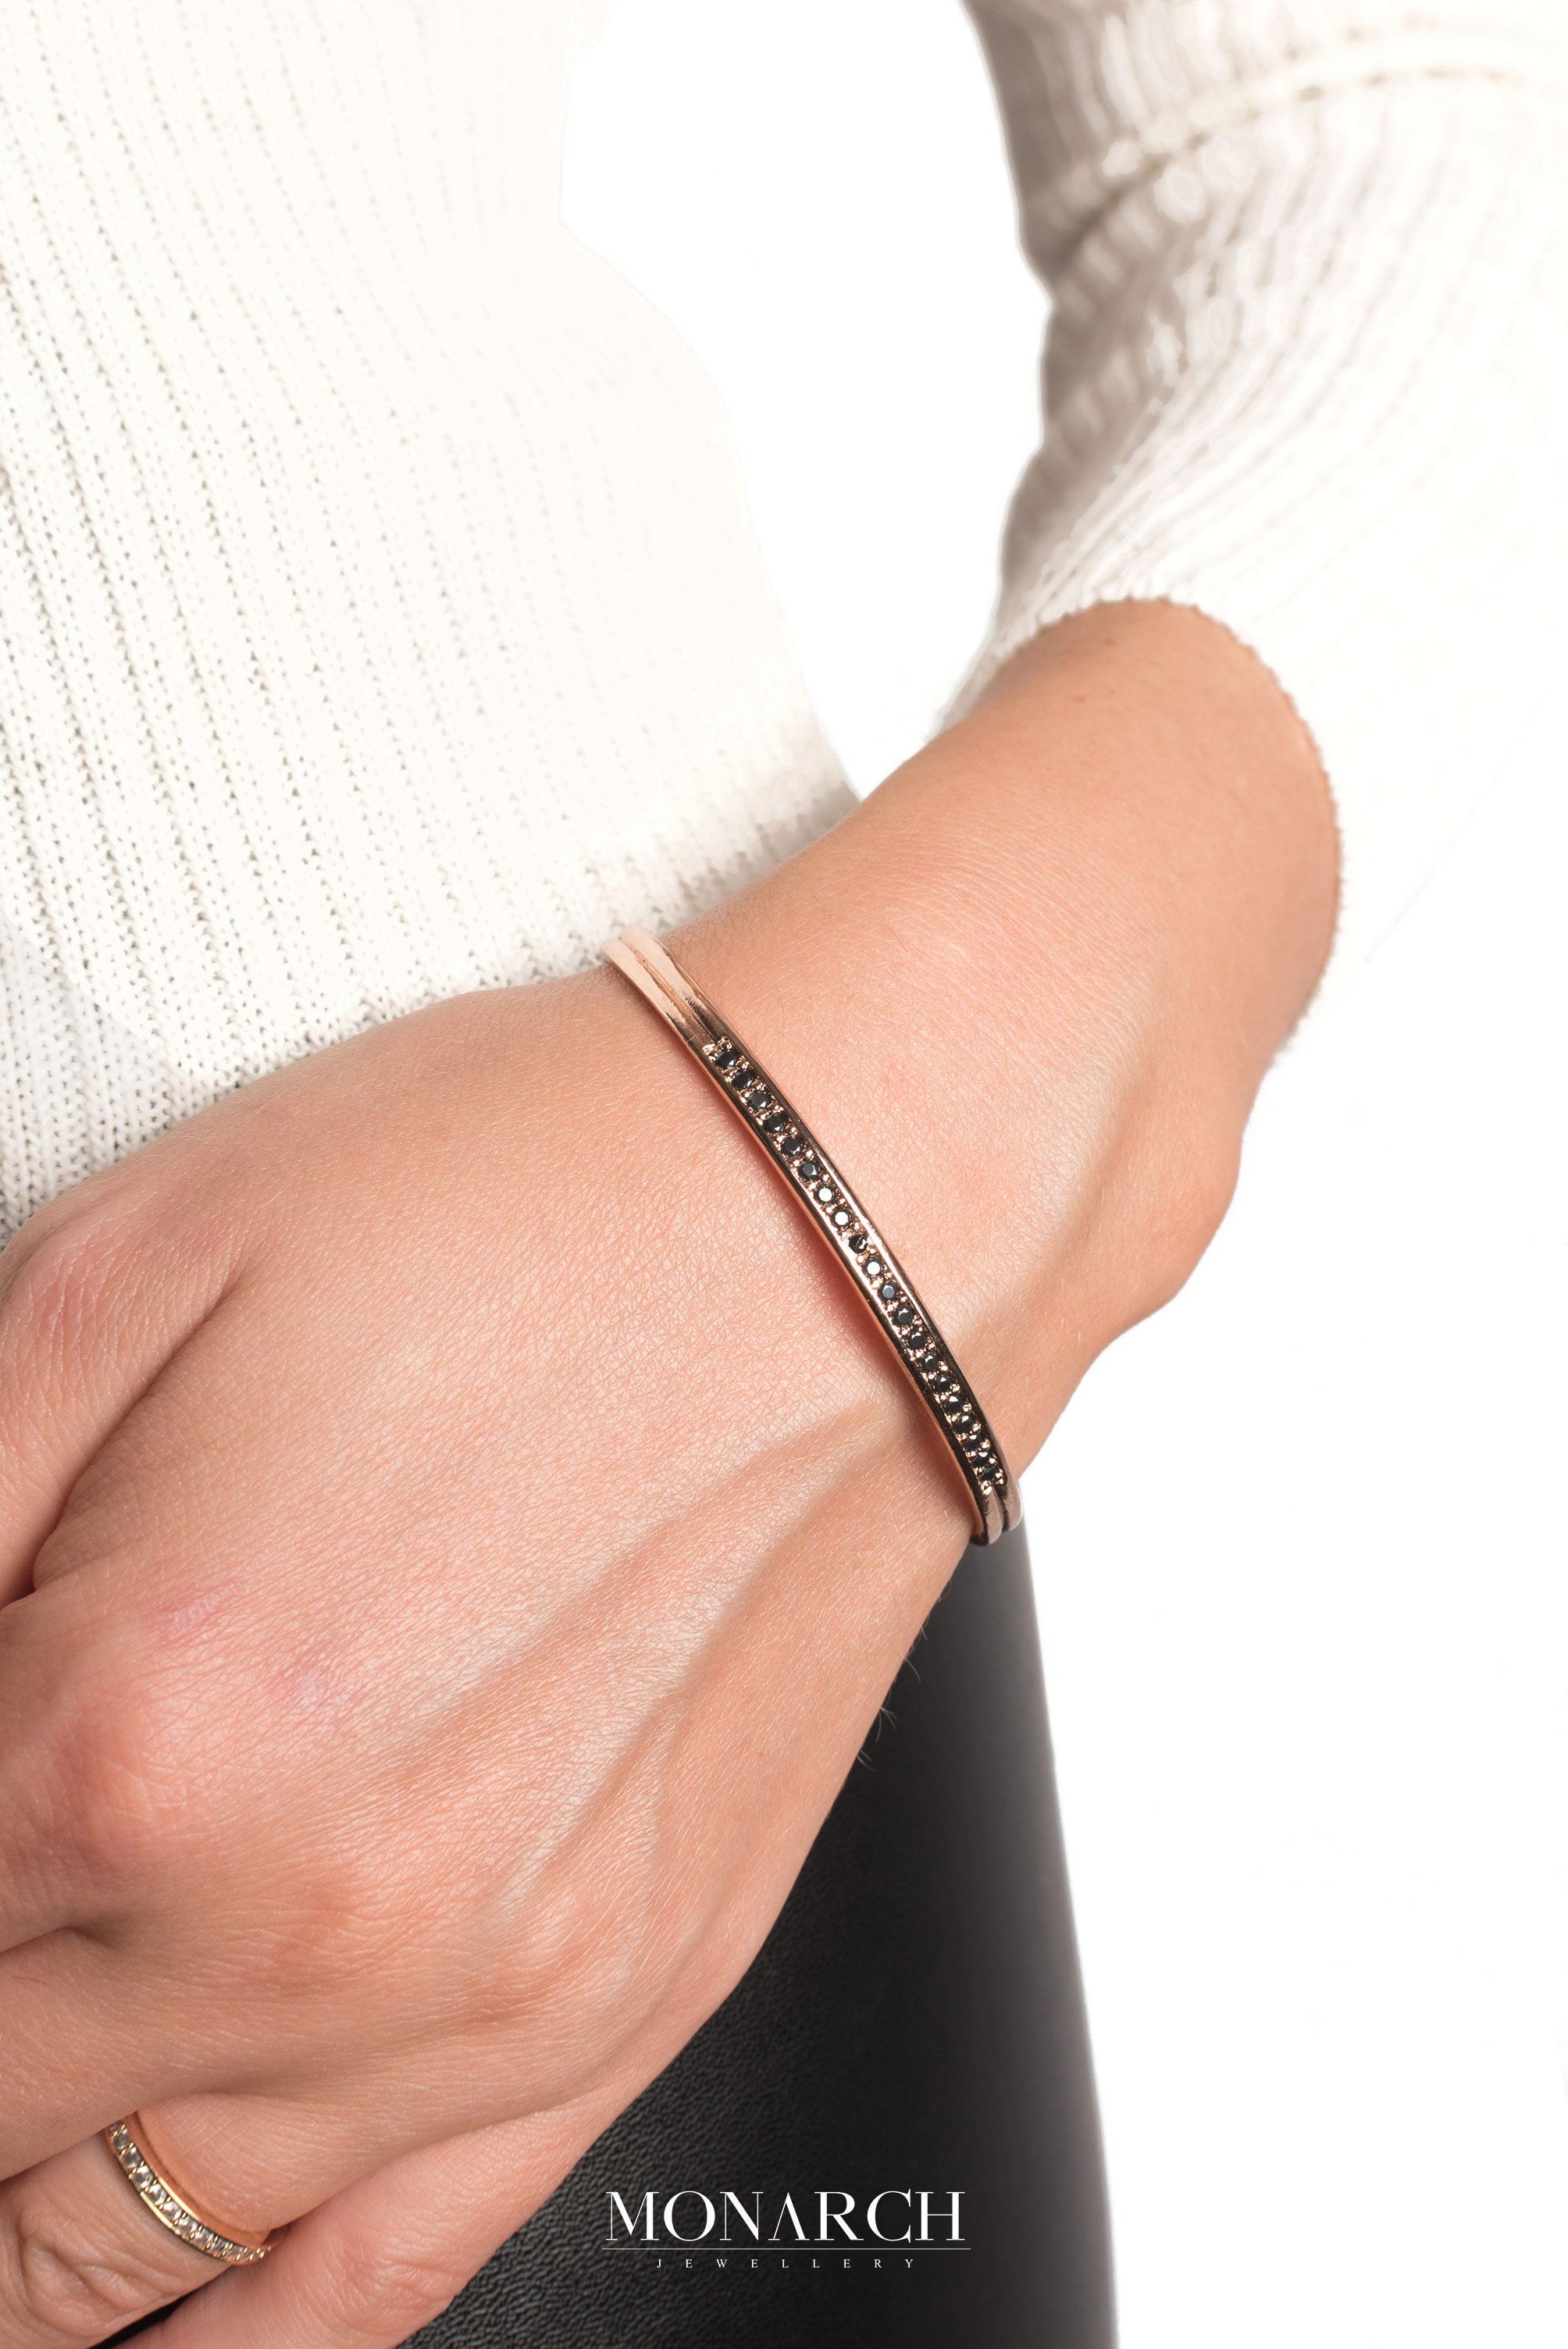 Monarch Jewellery Luxury Bracelet MA95GRBNG women